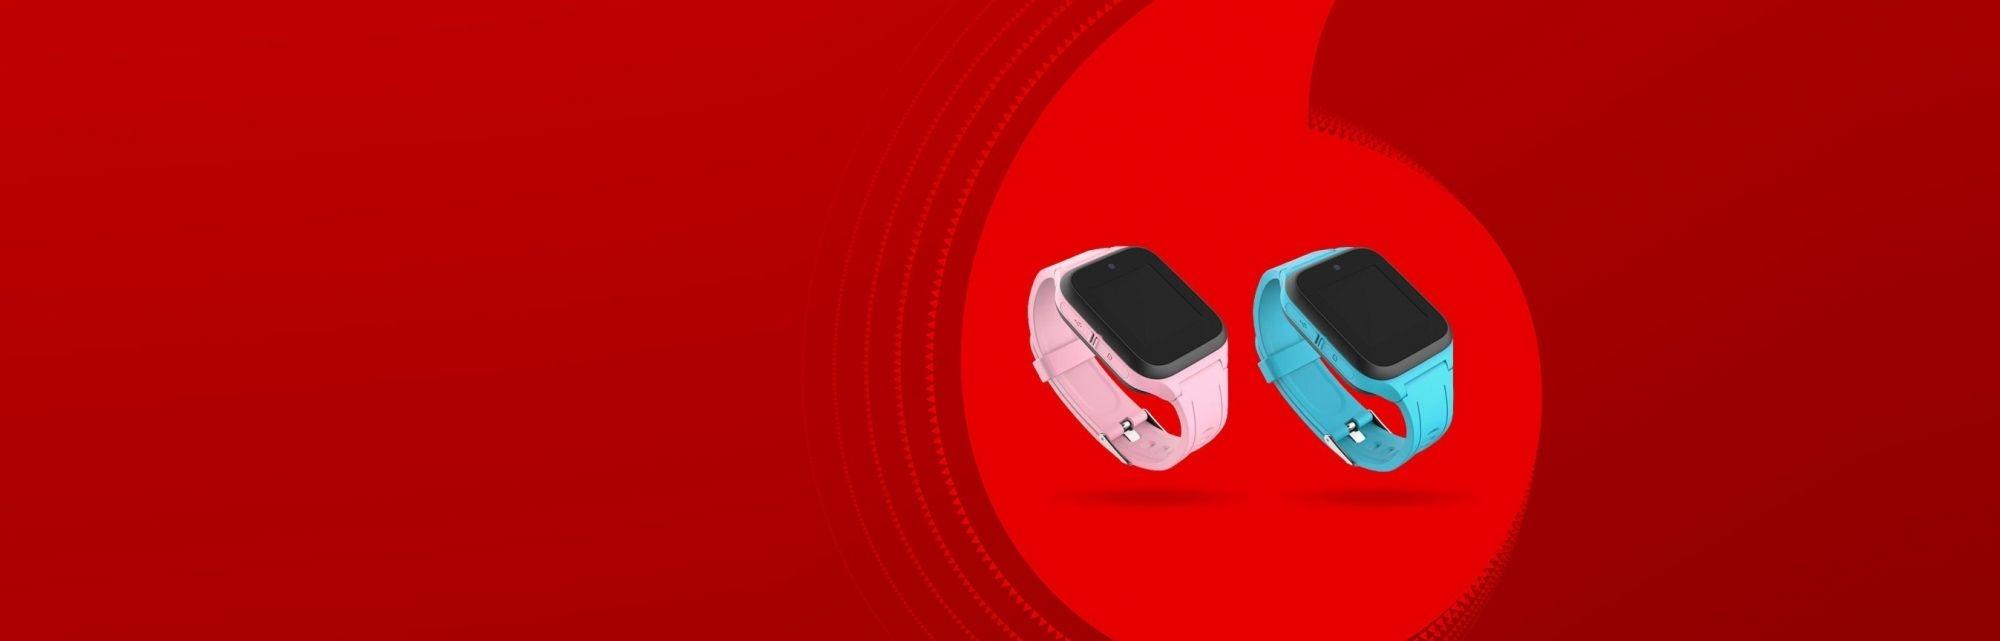 V Çocuk Saati Alcatel   V Yaşam   Bireysel: Vodafone Türkiye